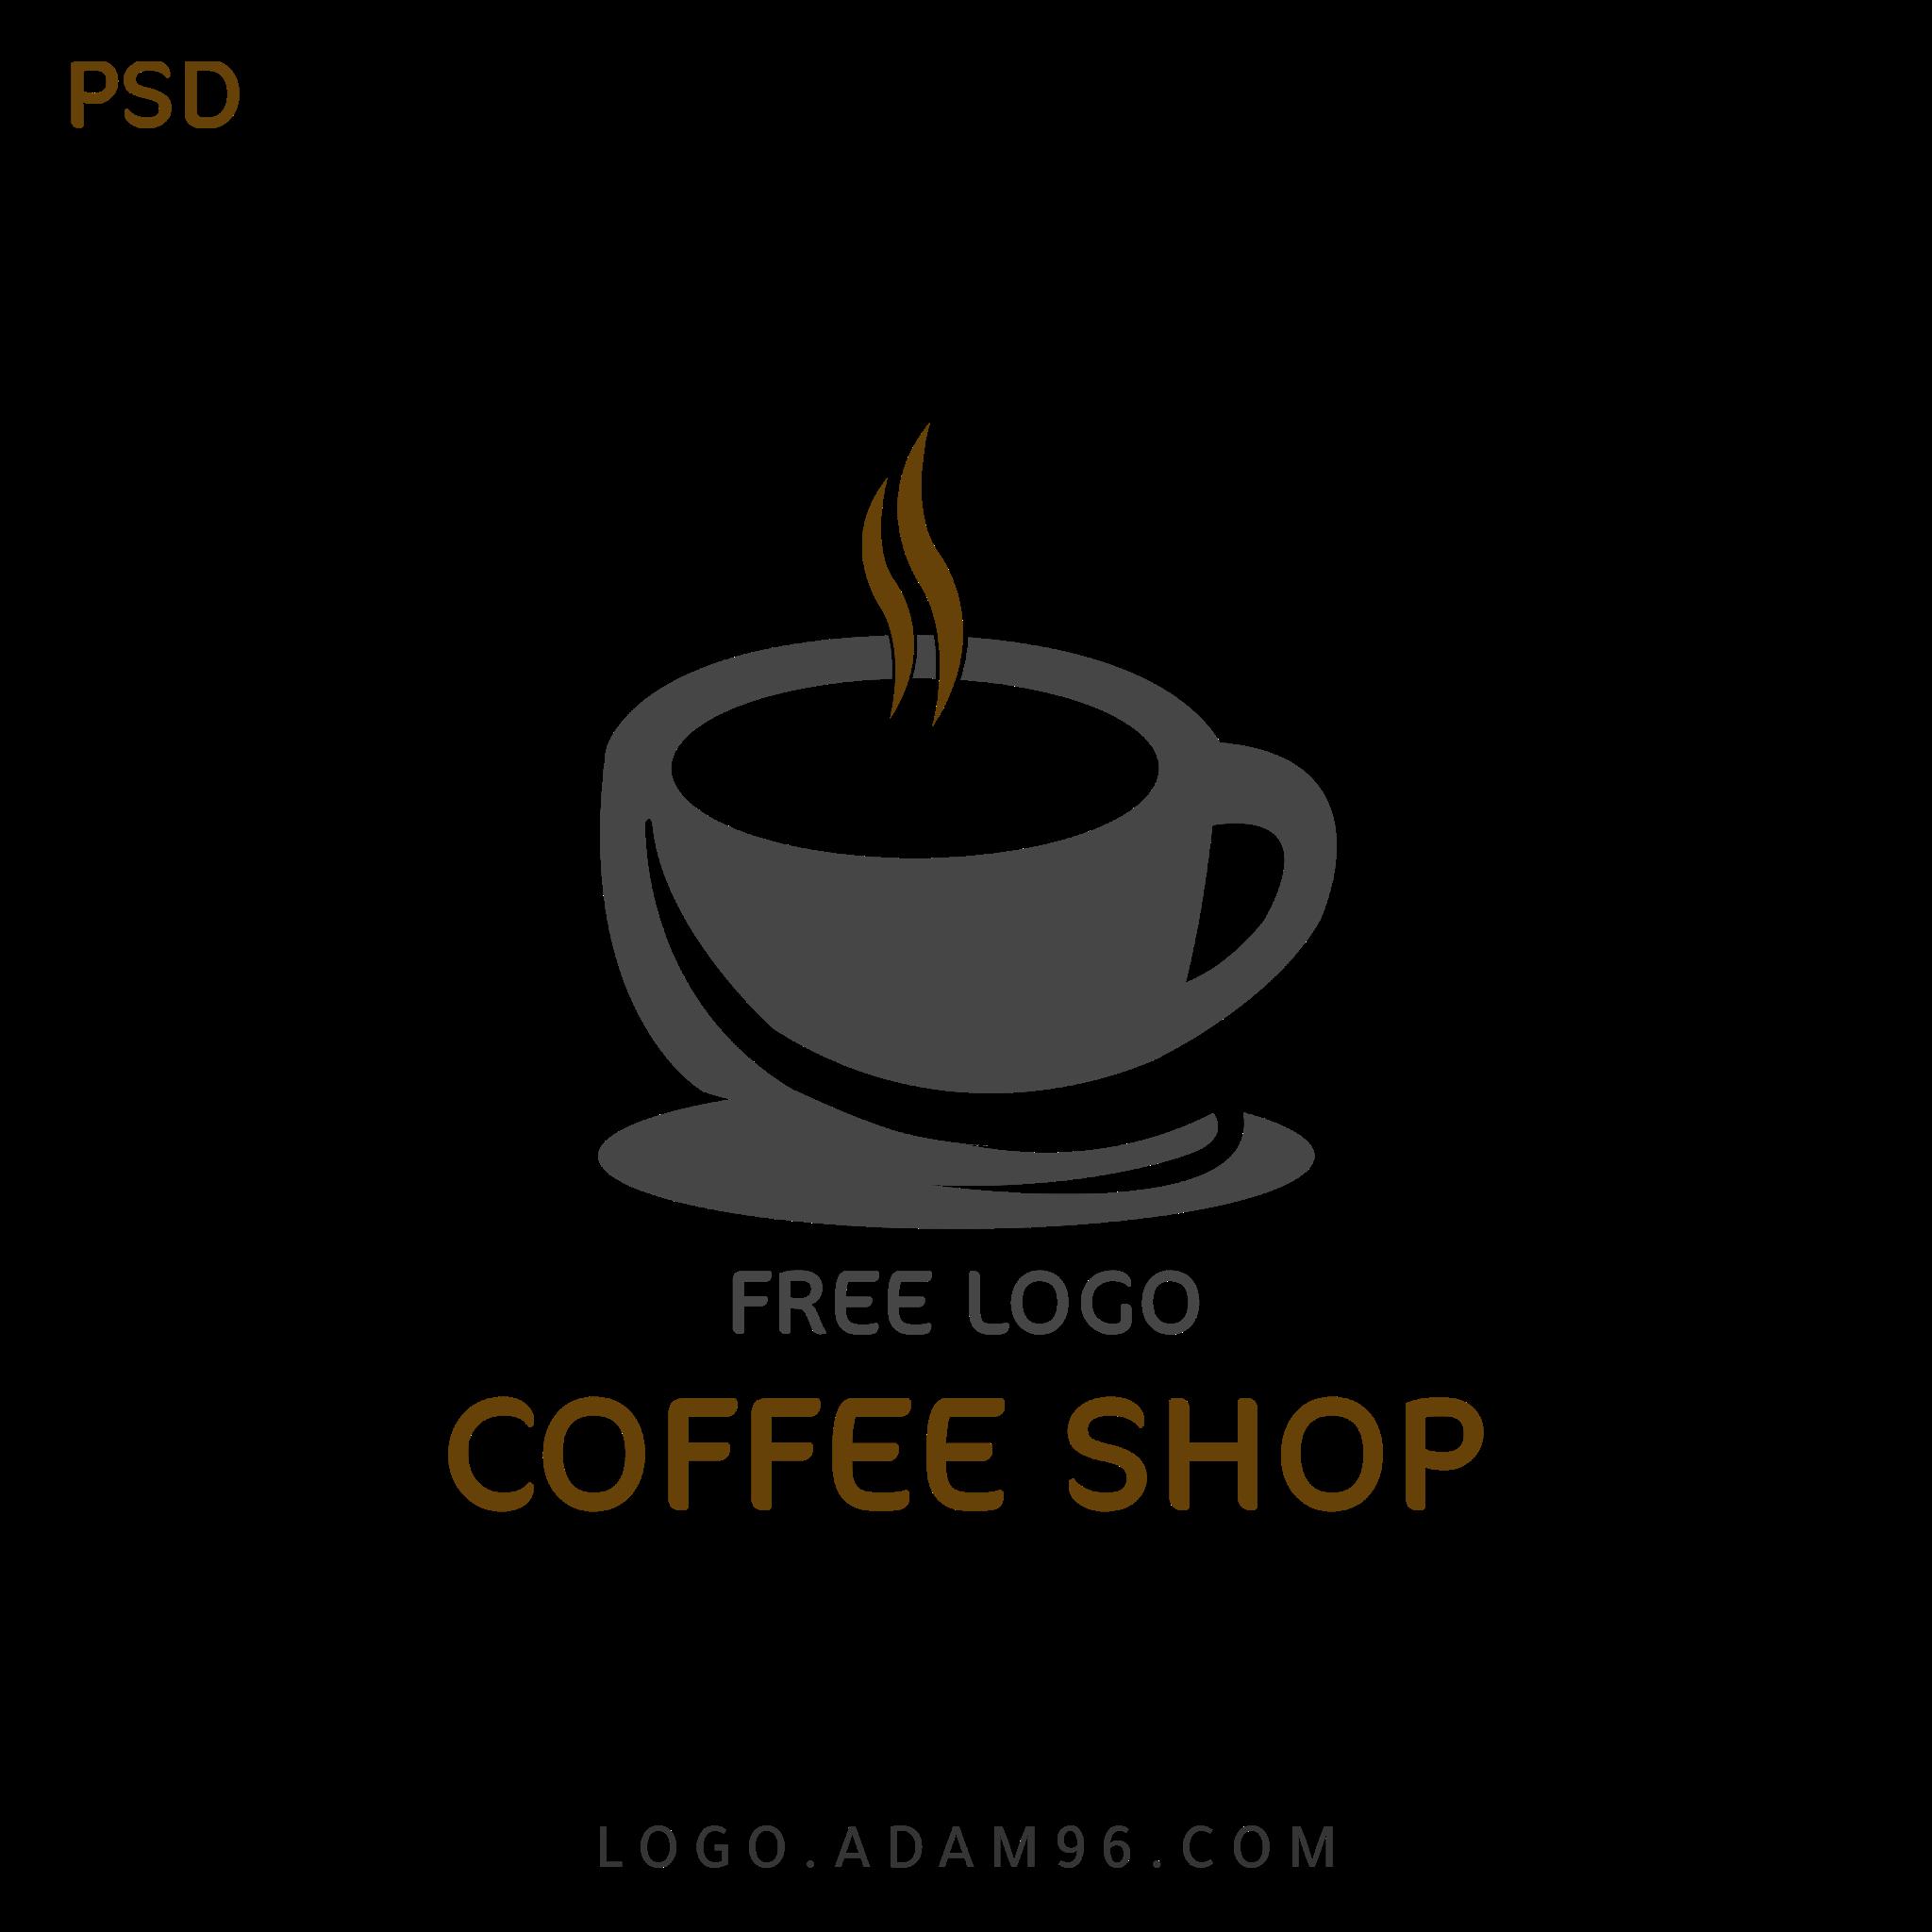 تحميل شعار كوفي شوب بلا حقوق لوجو عالي الدقة Logo Coffee Shop PSD